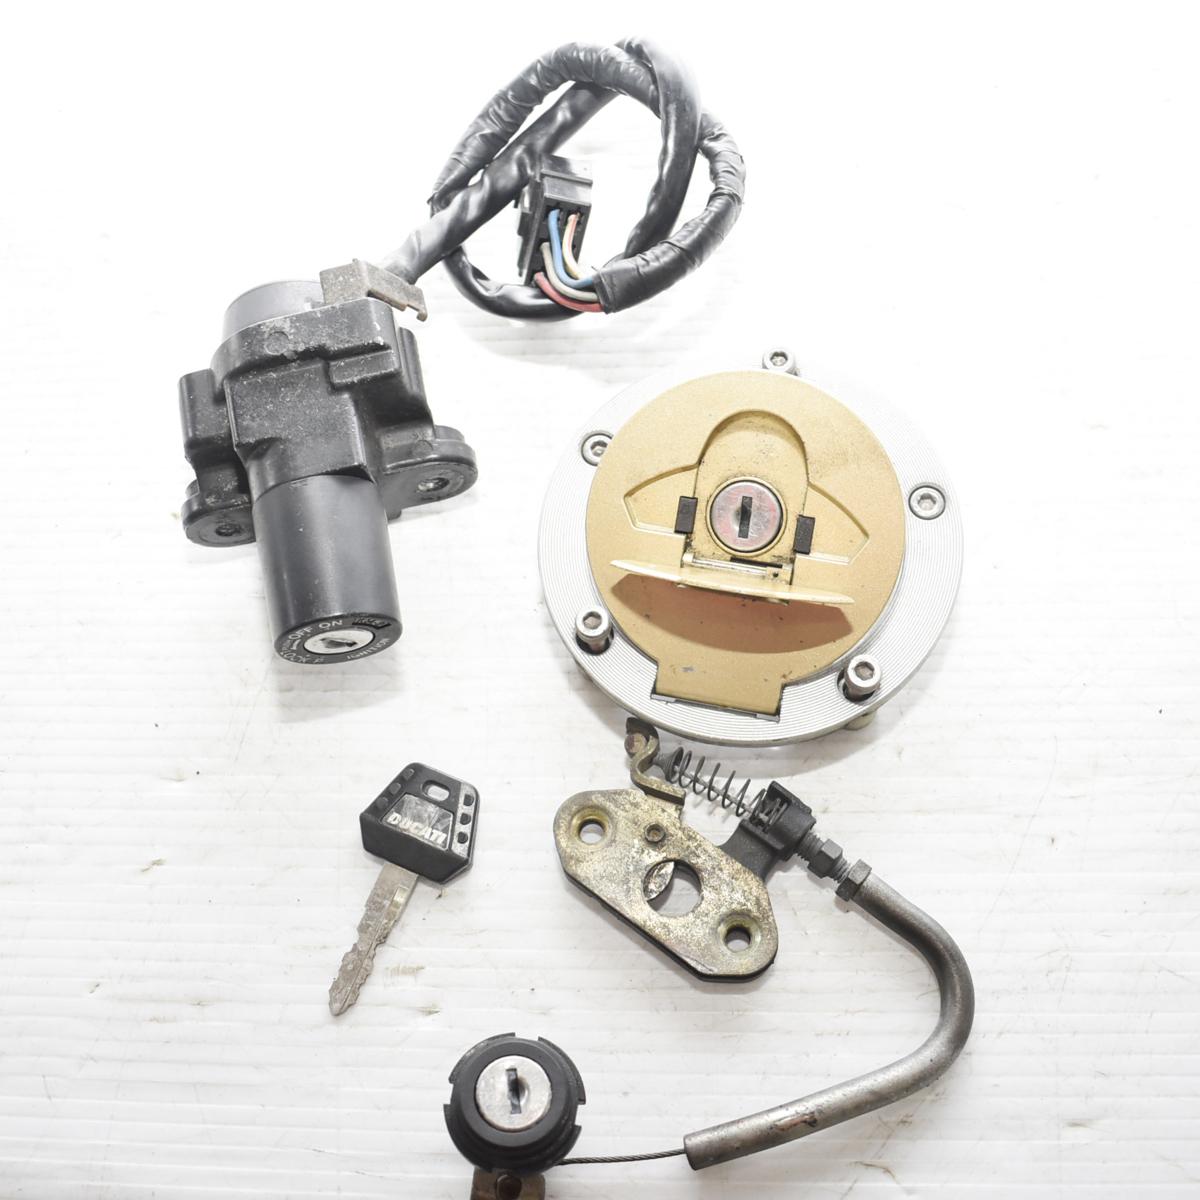 ドゥカティ SS900 ZDM1LC メインキー タンクキャップ シートロック 共通キーセット 【A】ASV_画像1